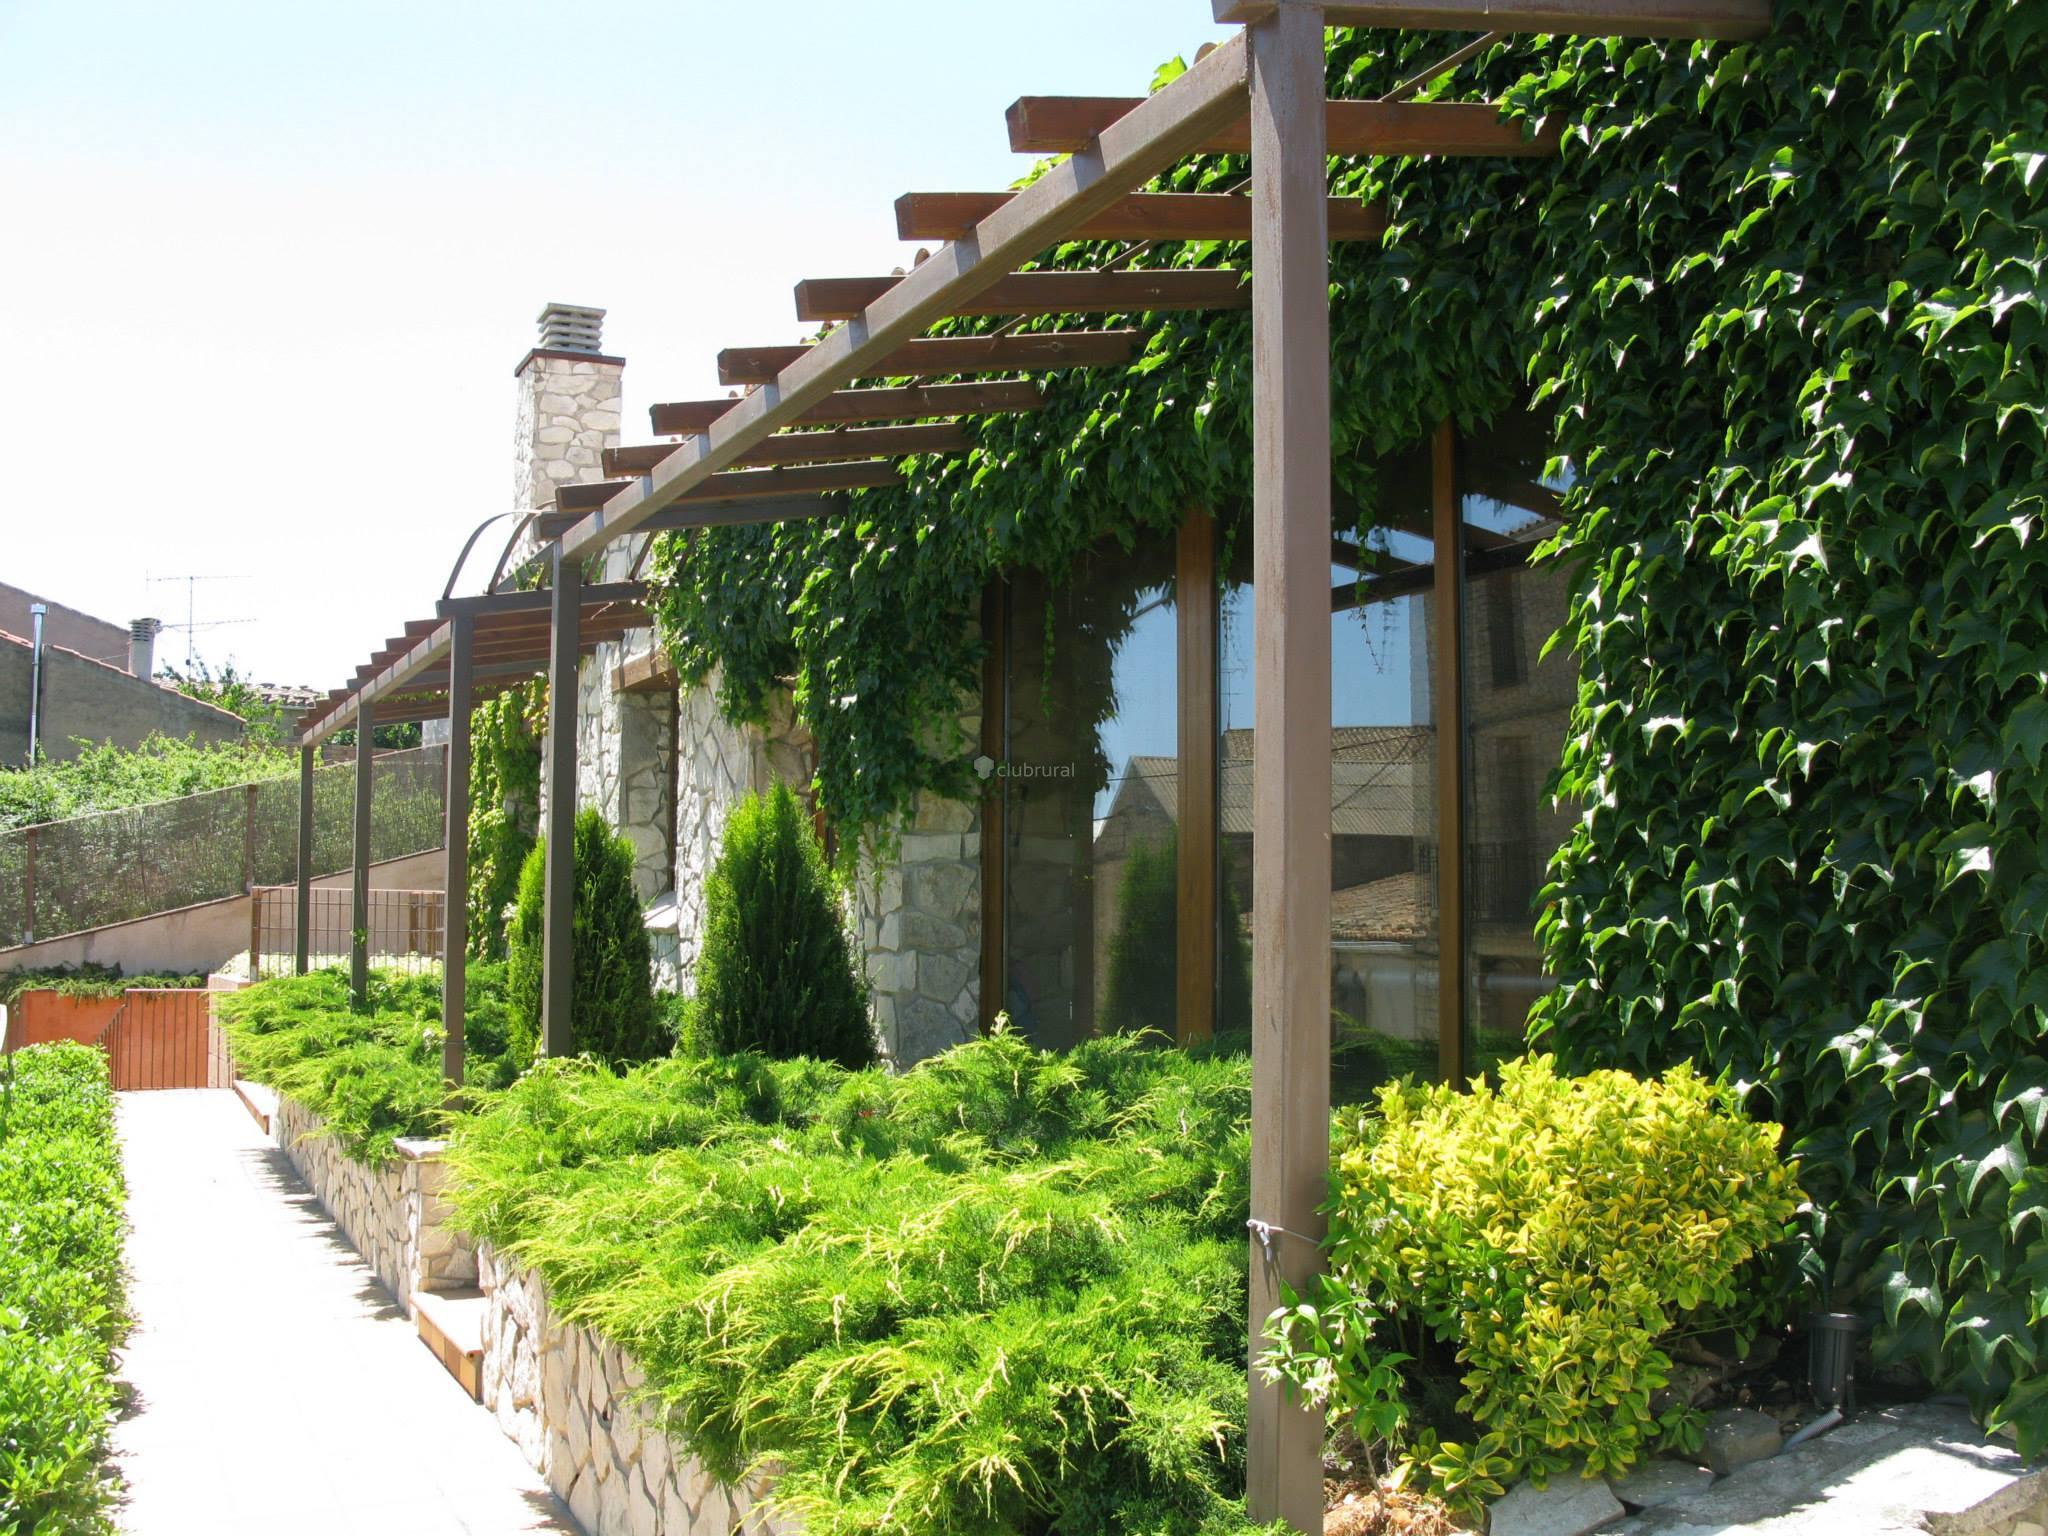 Fotos de alojamientos rurales el clos tarragona conesa - Cases rurals a tarragona ...